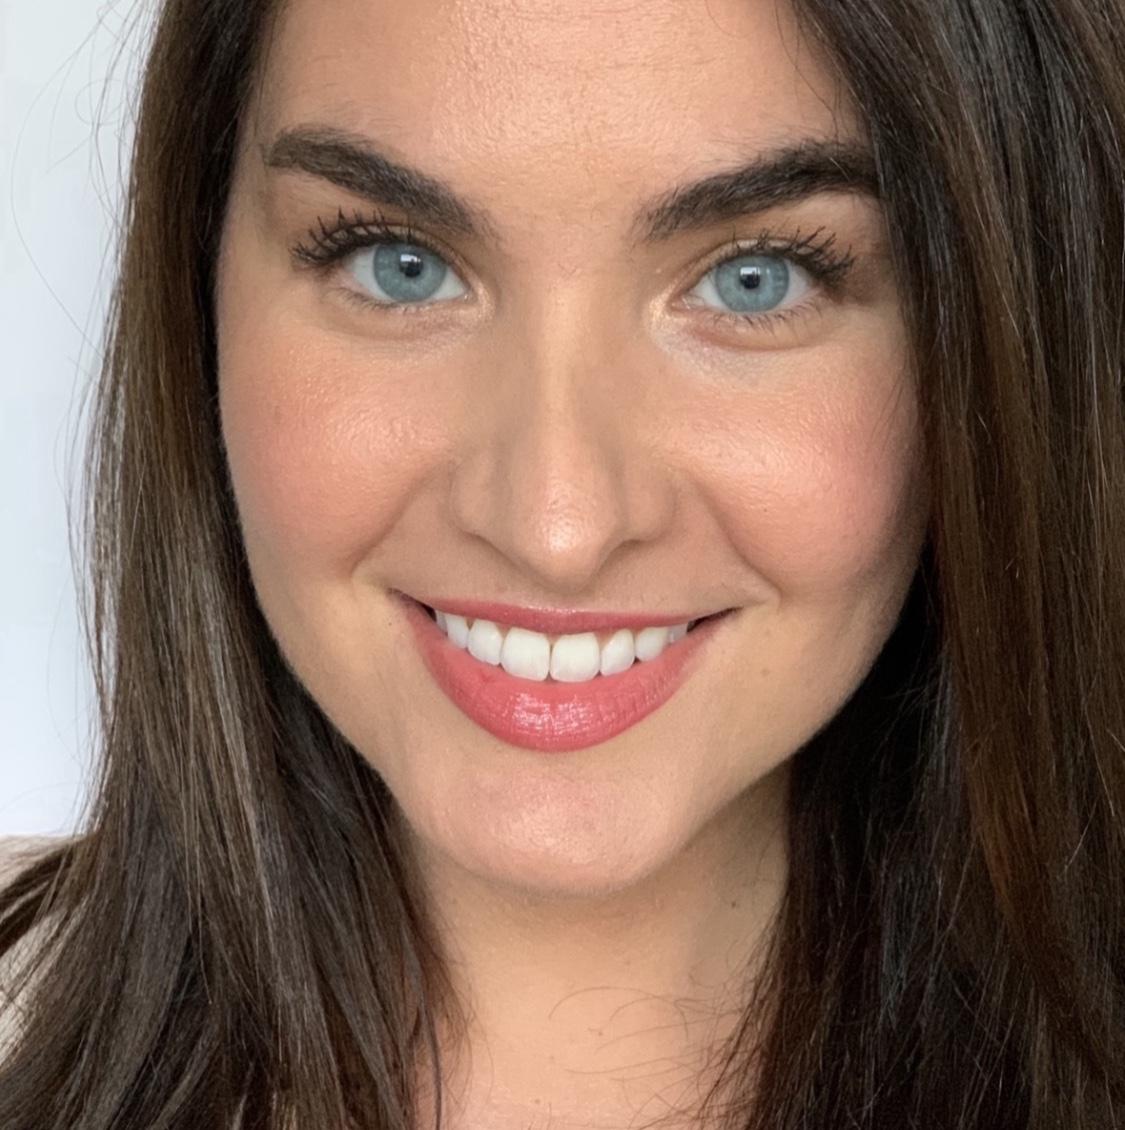 Danielle Superior